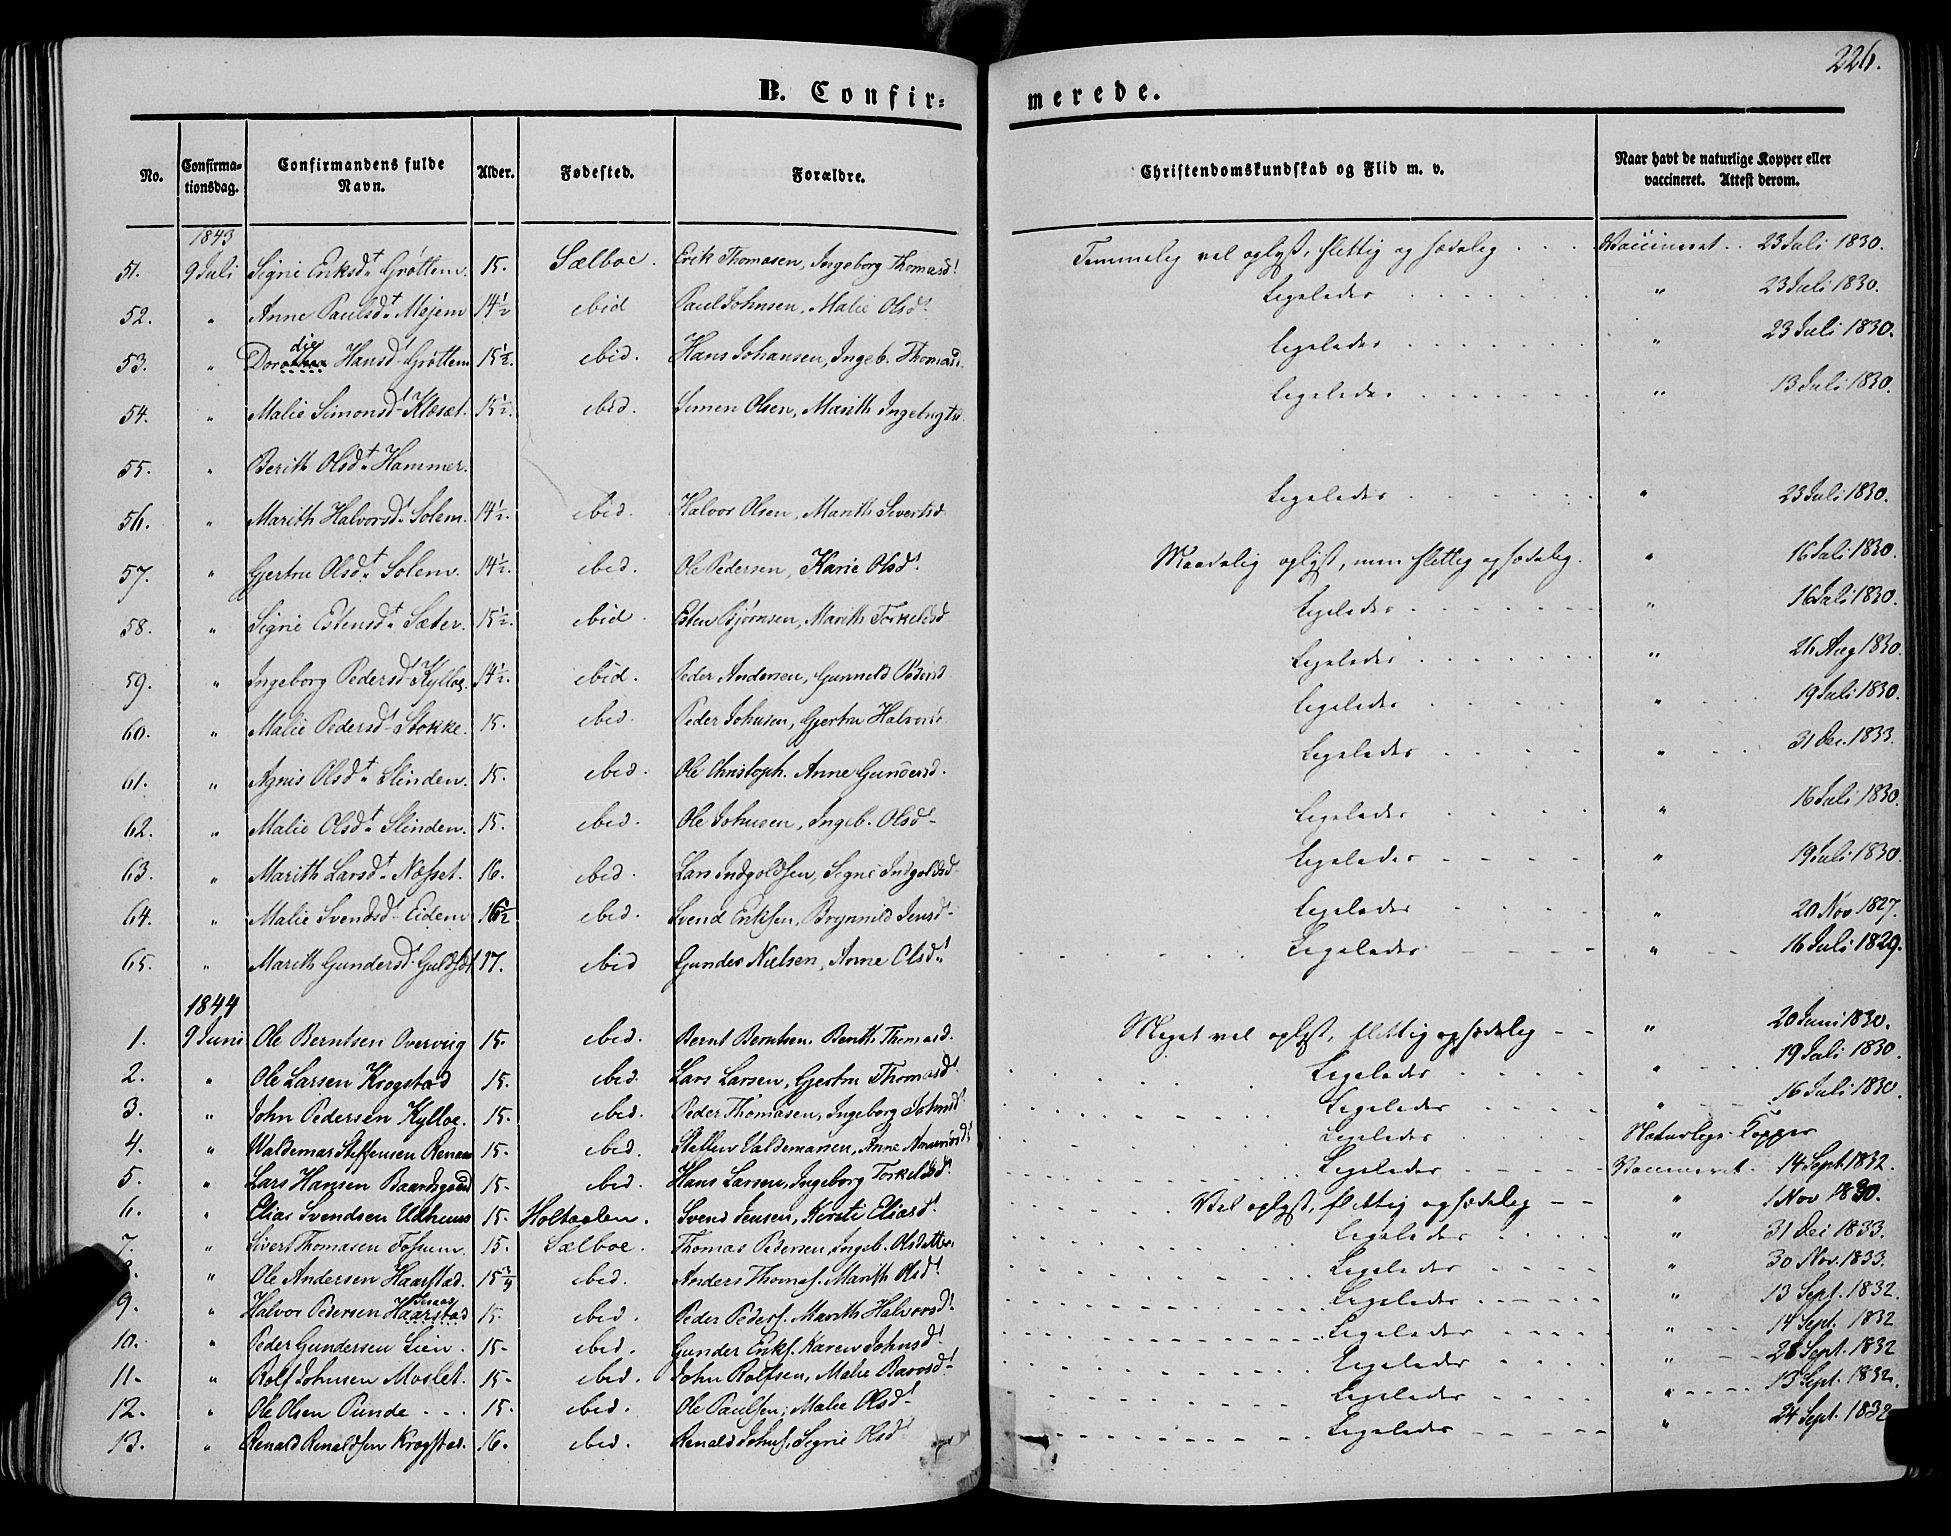 SAT, Ministerialprotokoller, klokkerbøker og fødselsregistre - Sør-Trøndelag, 695/L1145: Ministerialbok nr. 695A06 /1, 1843-1859, s. 226